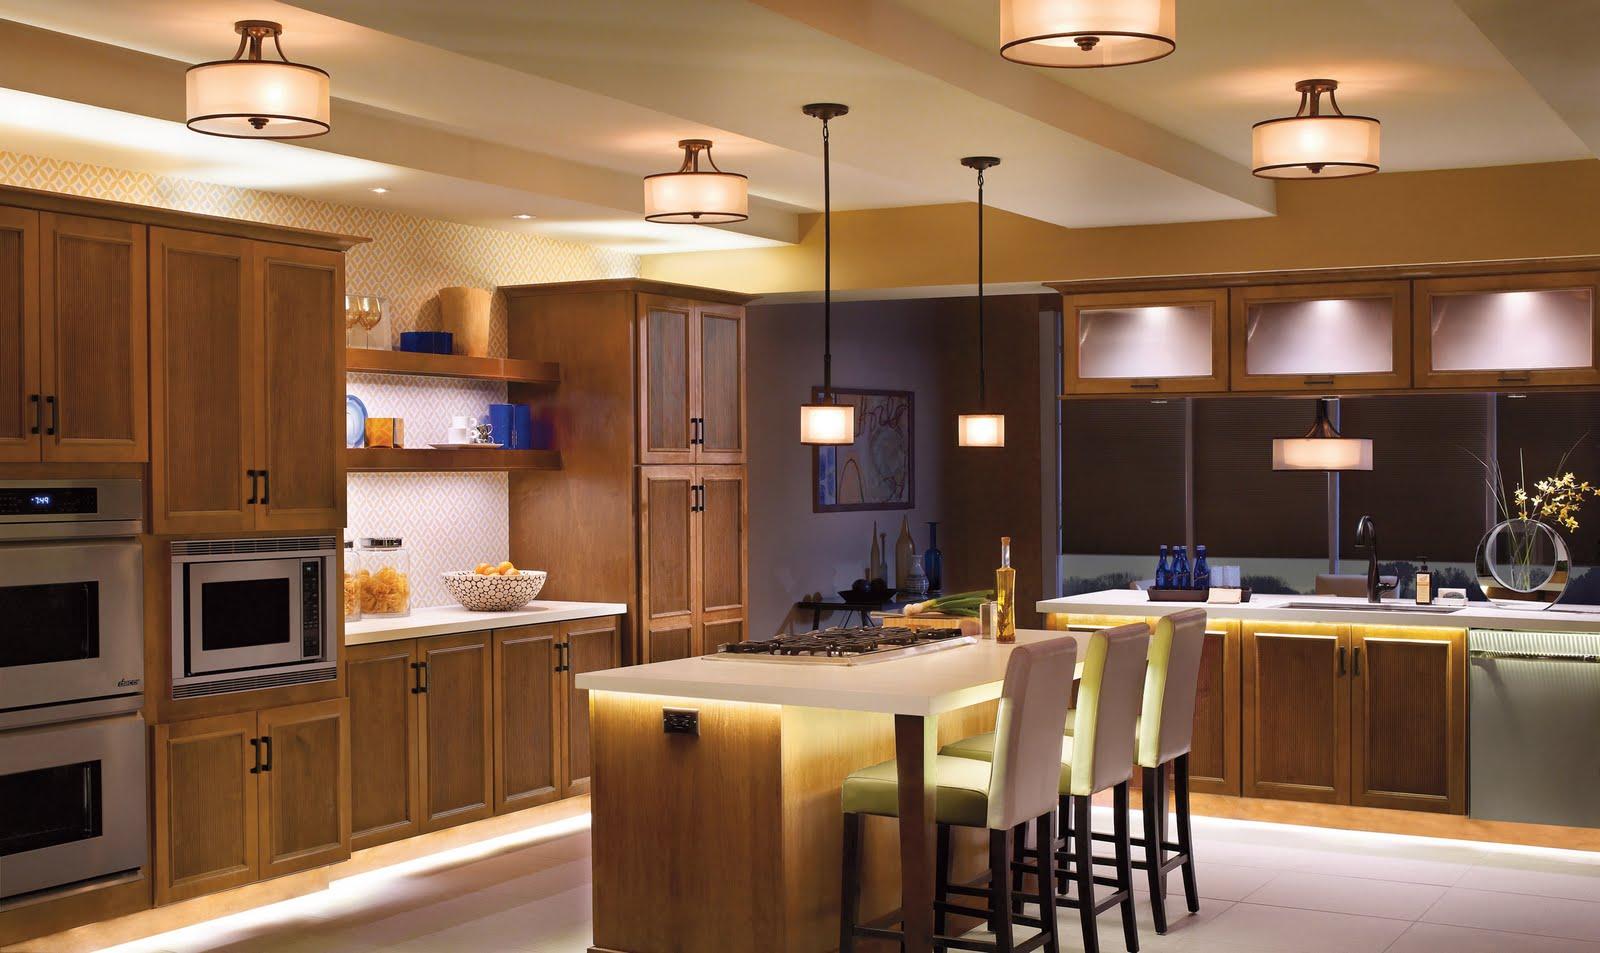 Theo kinh nghiệm thiết kế nhà ở, đây là mẫu đèn đa dạng về kiểu dáng, chứ không hề đơn điệu hay nhàm chán